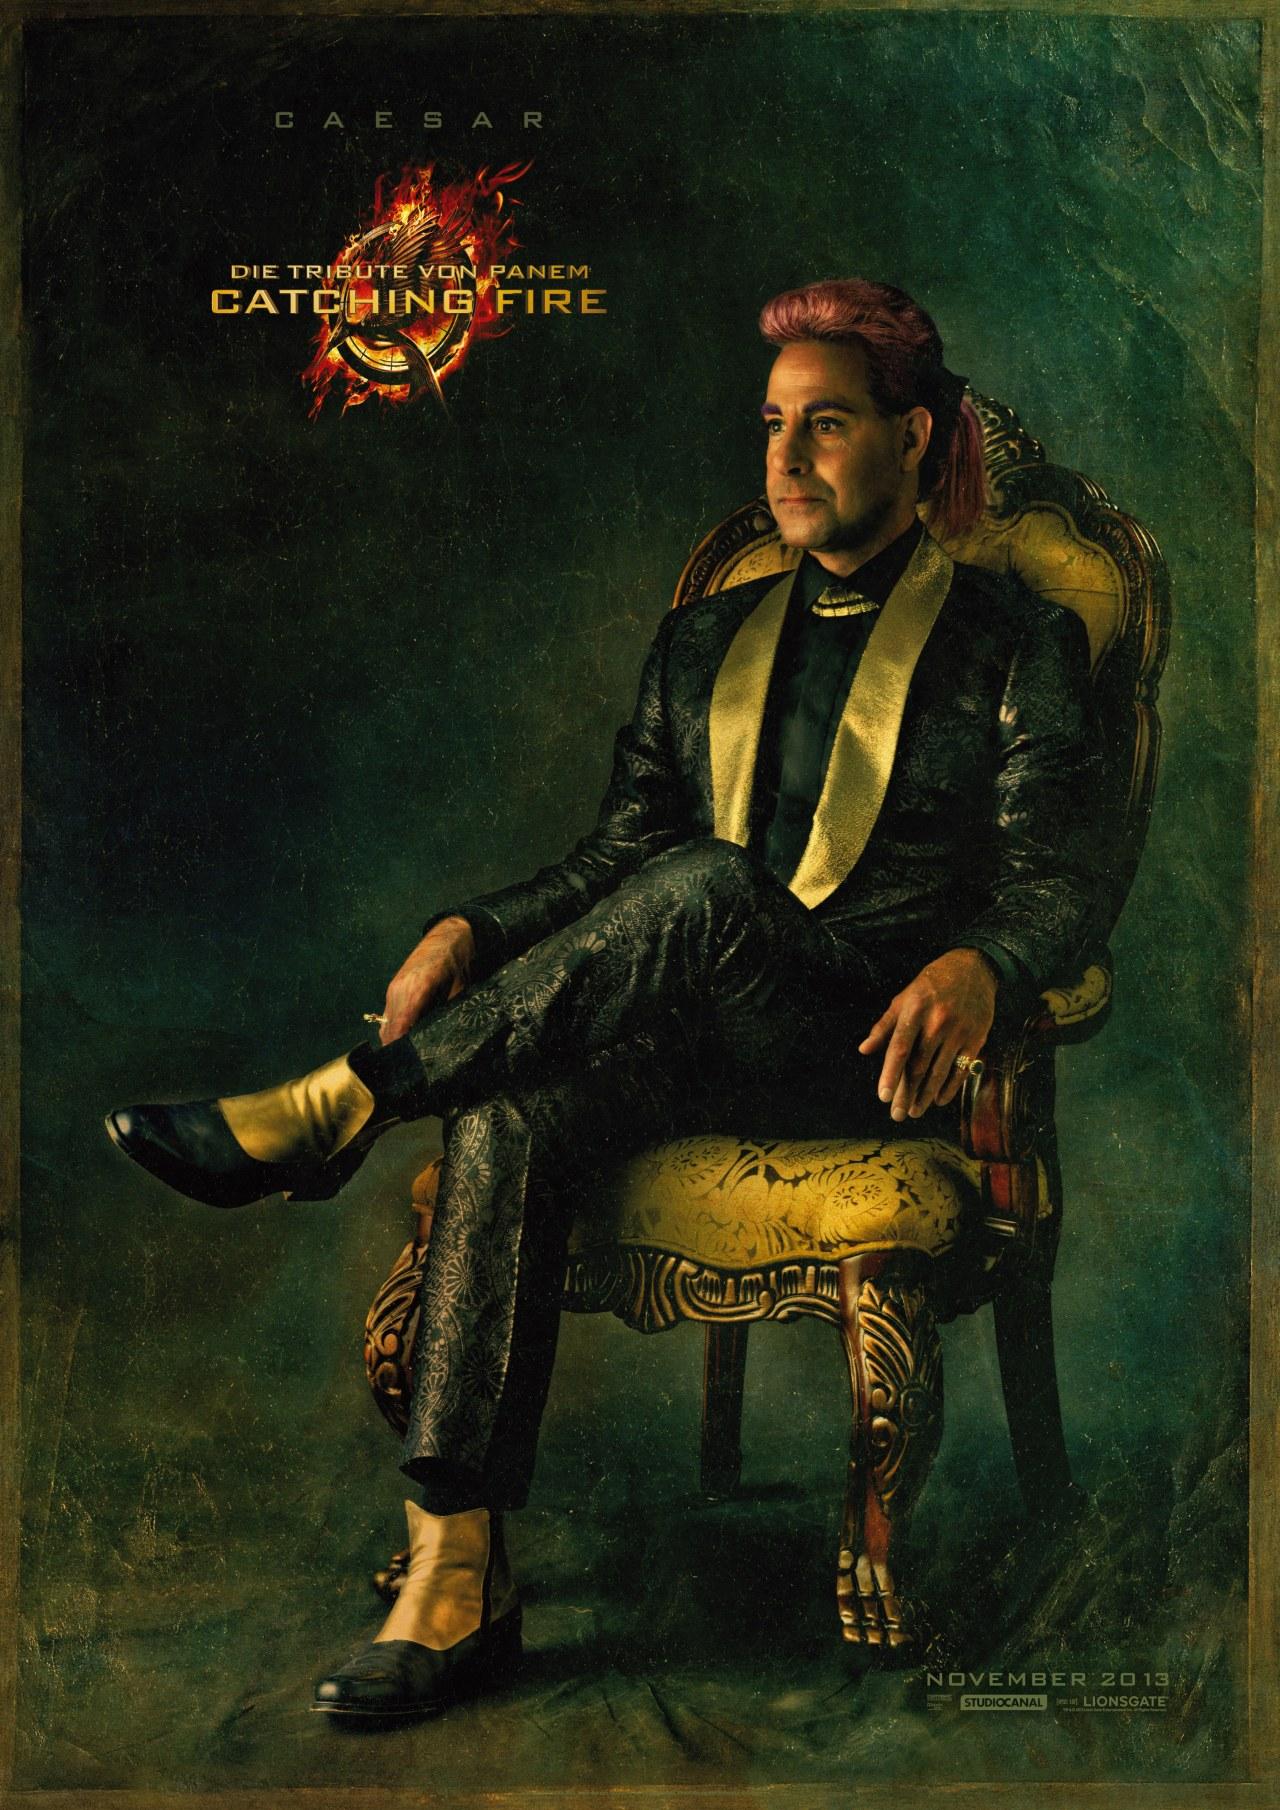 Die Tribute von Panem - Catching Fire - Bild 4